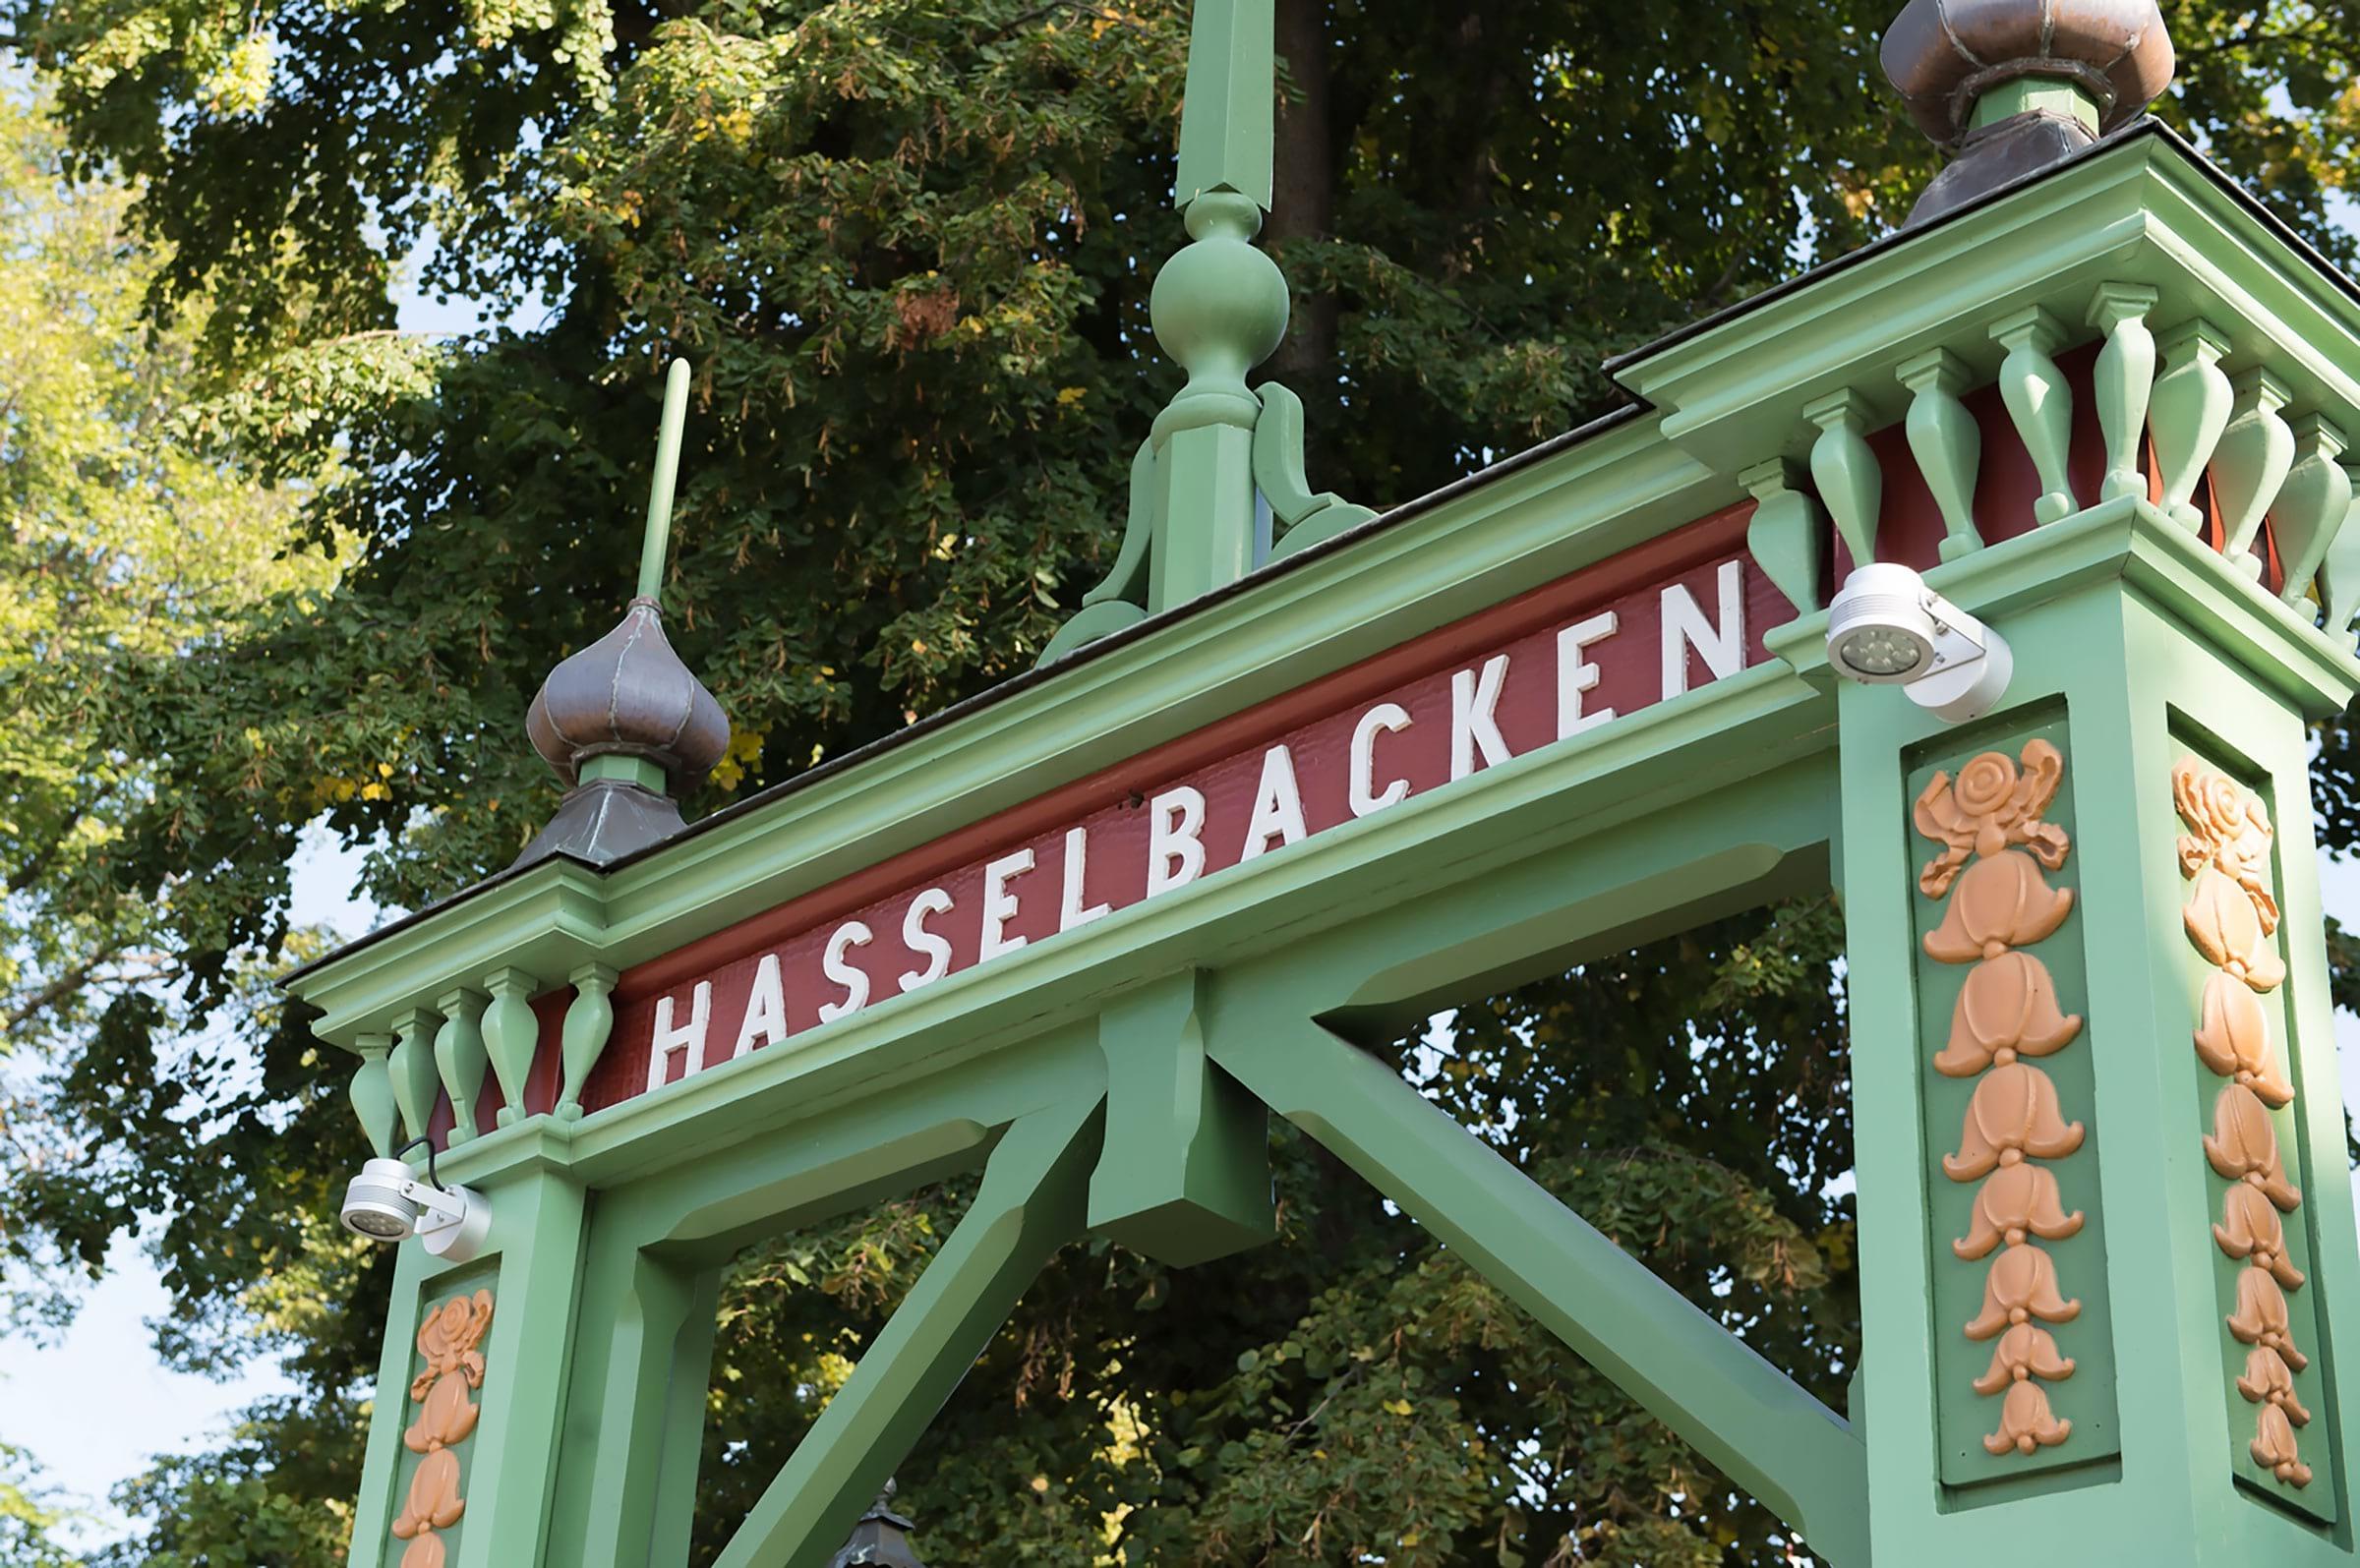 Foto: Hasselbacken